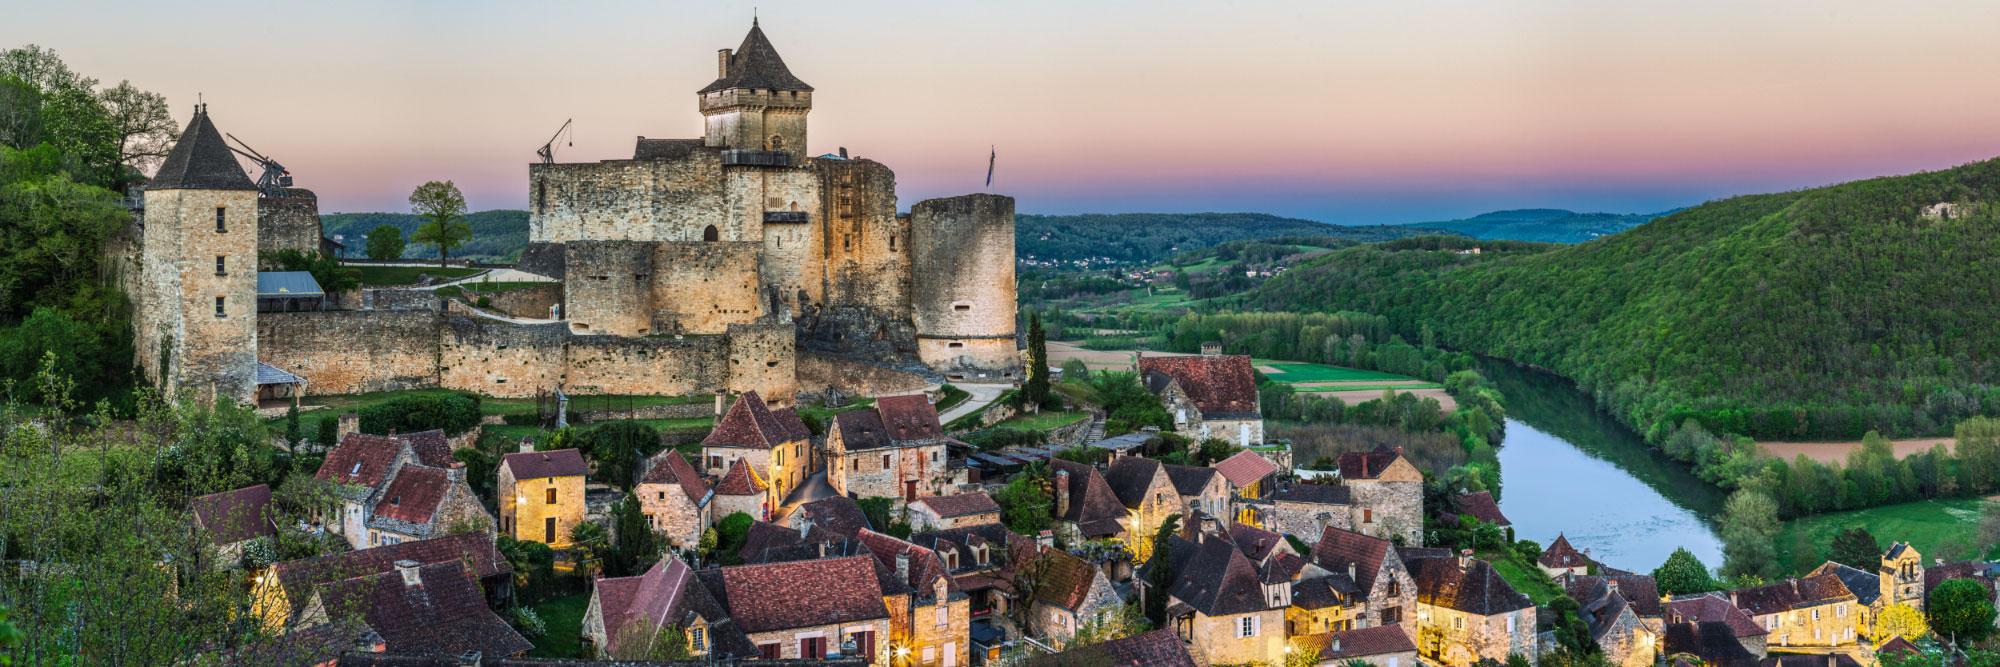 Castelnaud-la-Chapelle dominant la Dordogne au crépuscule